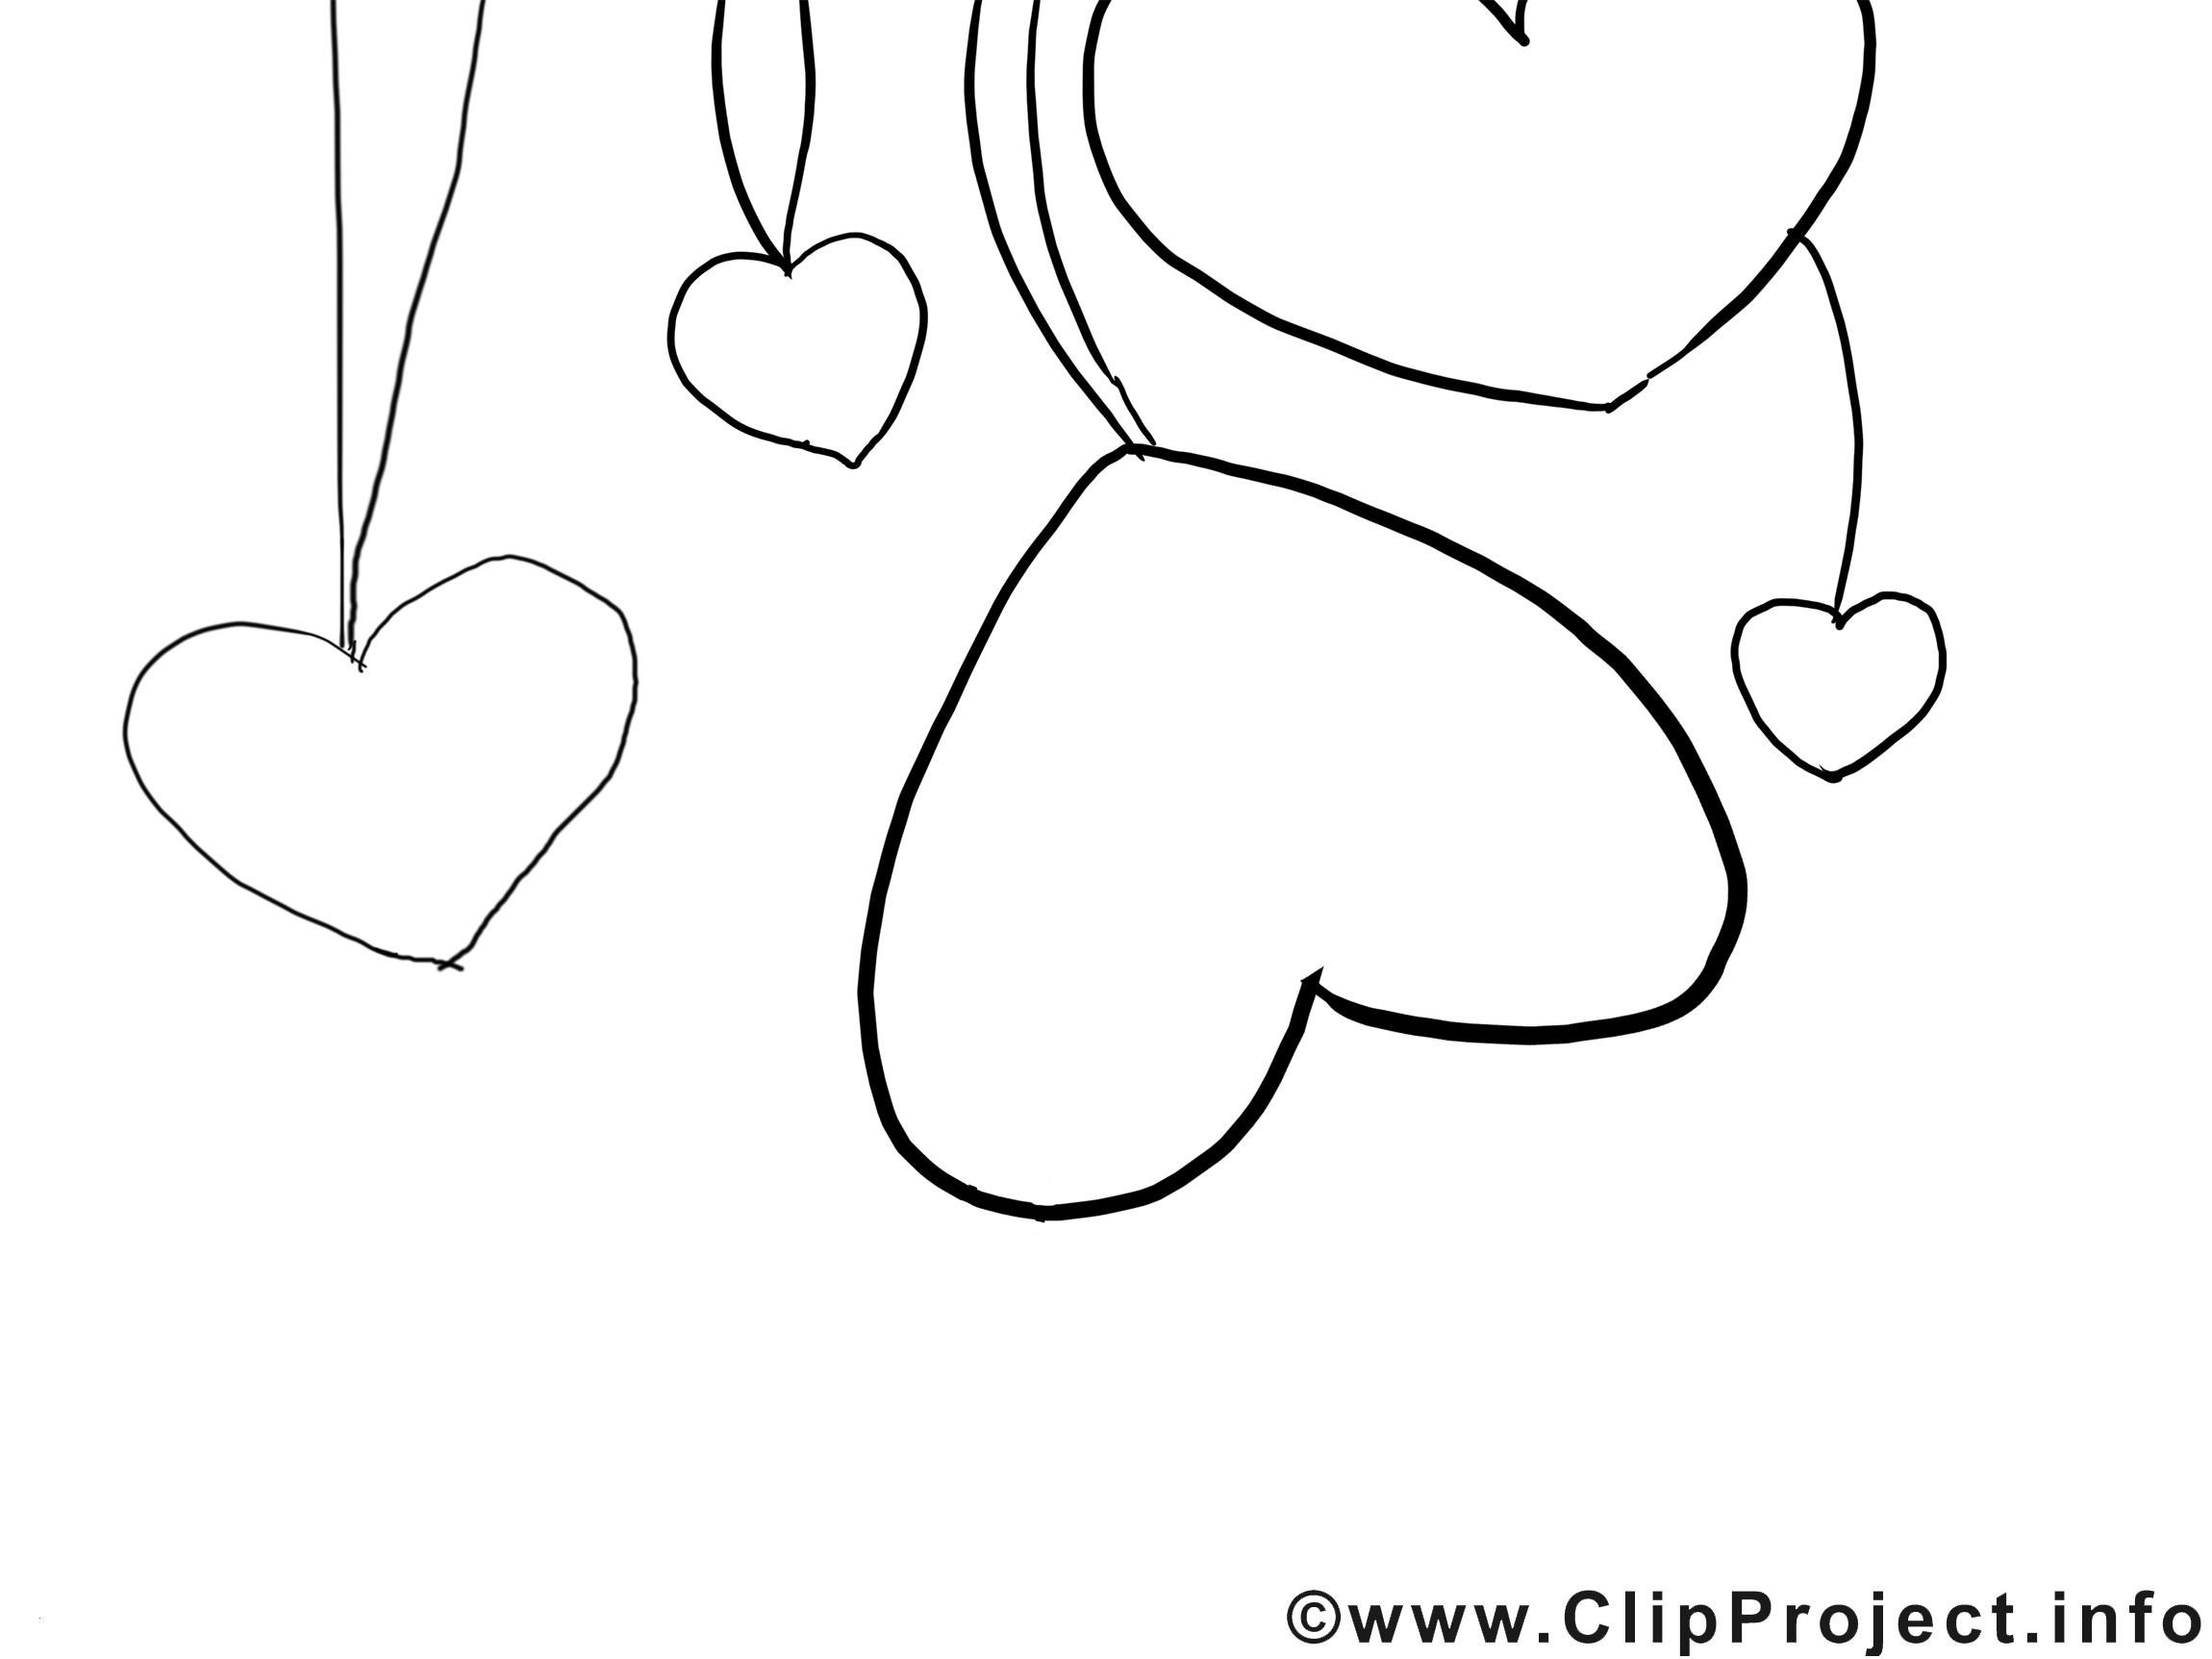 Herzen Zum Ausmalen Genial 37 Herzen Ausmalbilder Scoredatscore Einzigartig Herzen Ausmalbilder Das Bild